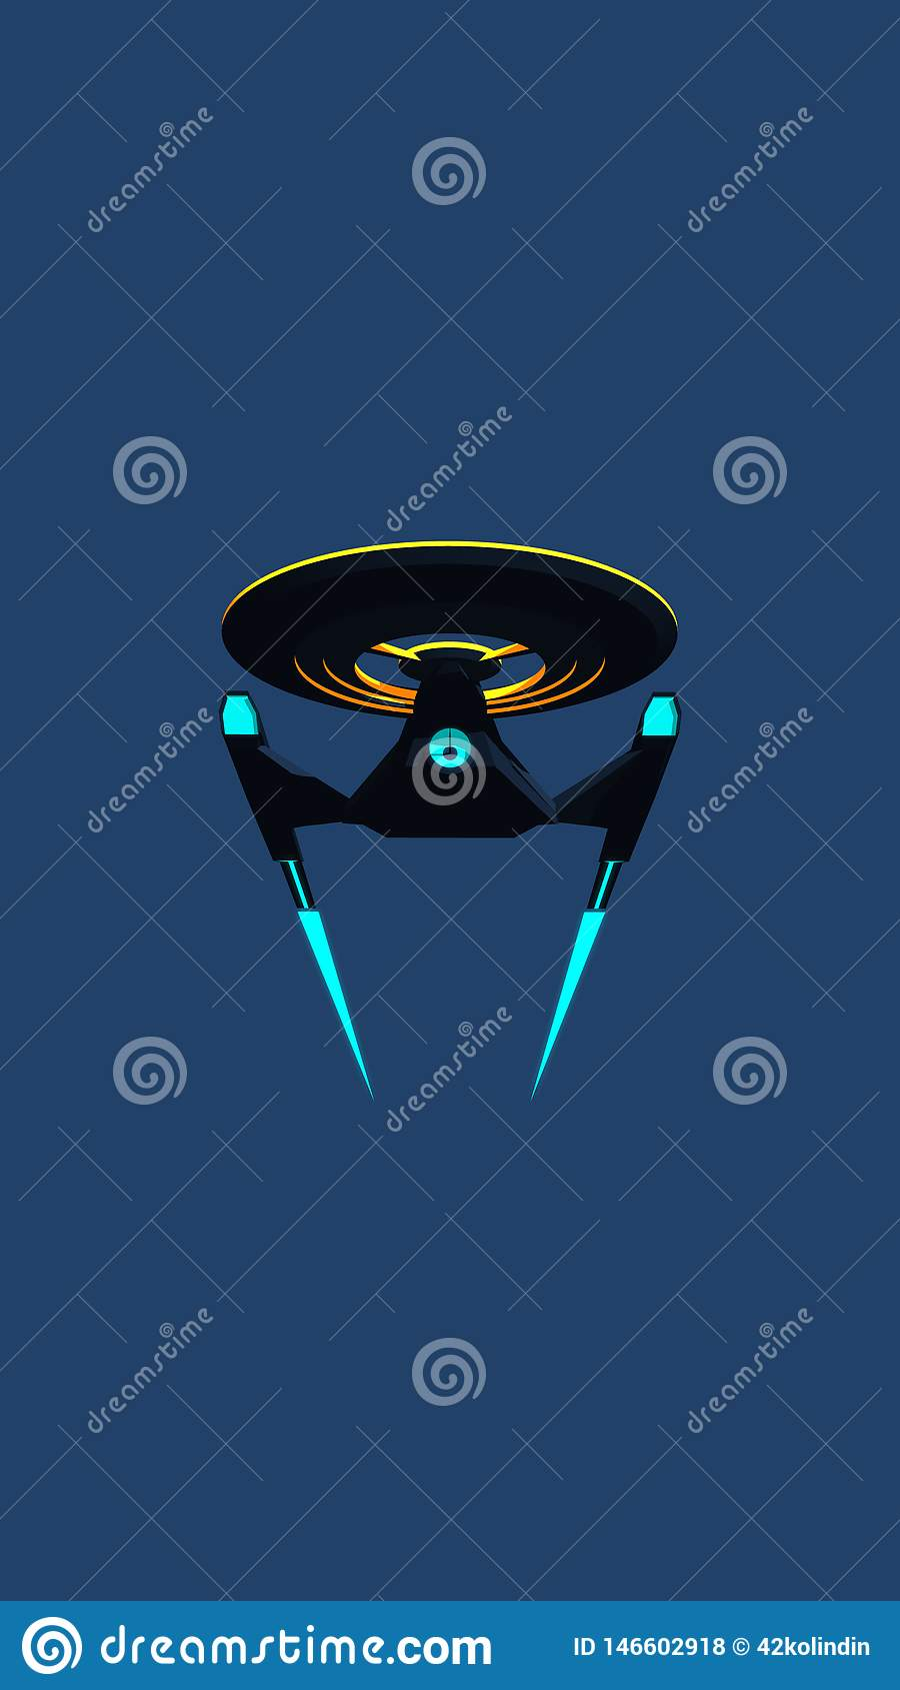 Dzwoni Wallpaprer nauka Powieściowy wizerunek głębokiej przestrzeni starship na błękitnym tle